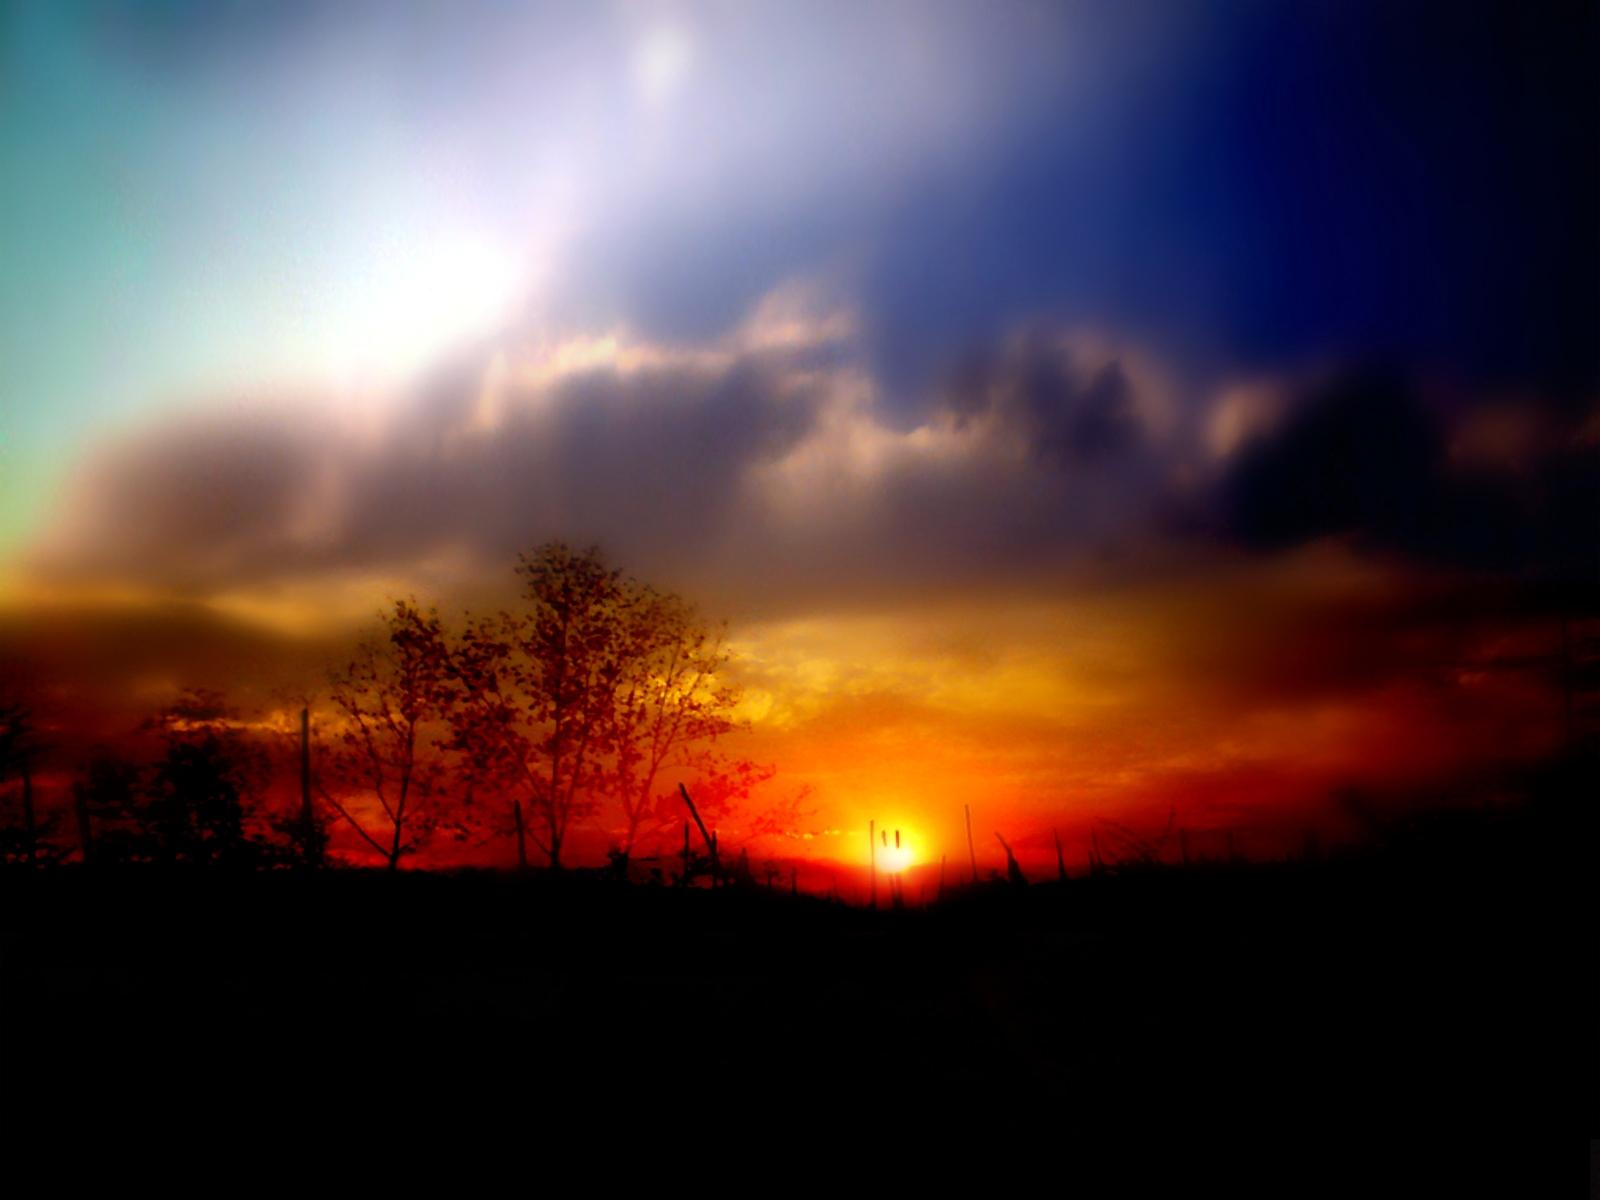 Superbe coucher de soleil ... dans Belles images f8ms4zz0